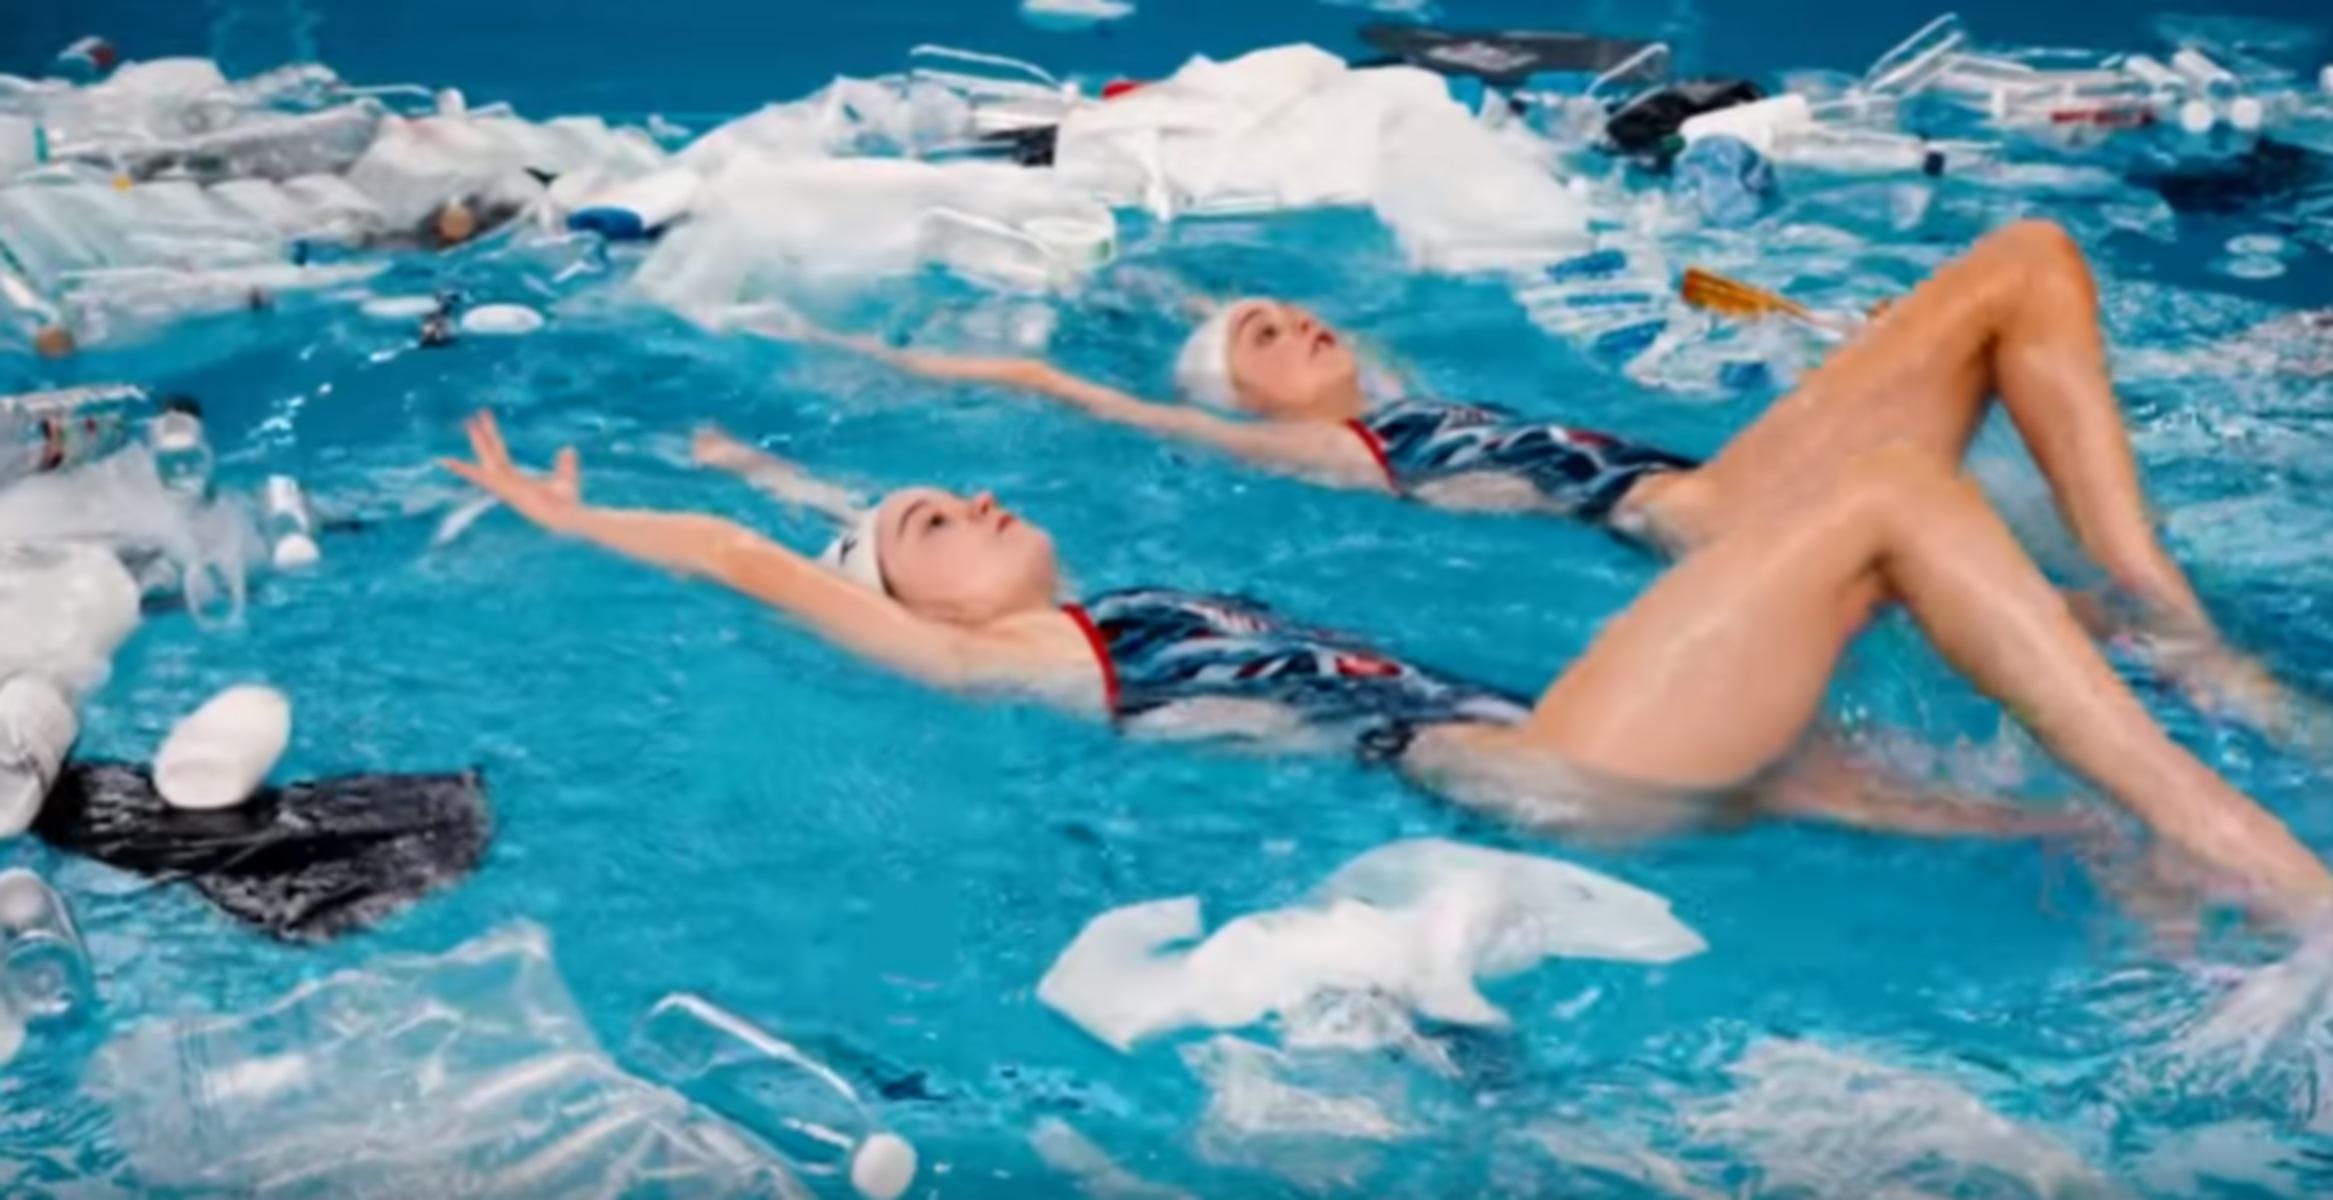 """""""Κολυμπώντας μέσα σ' αυτό""""! Ένα συγκλονιστικό video για την θαλάσσια ρύπανση"""